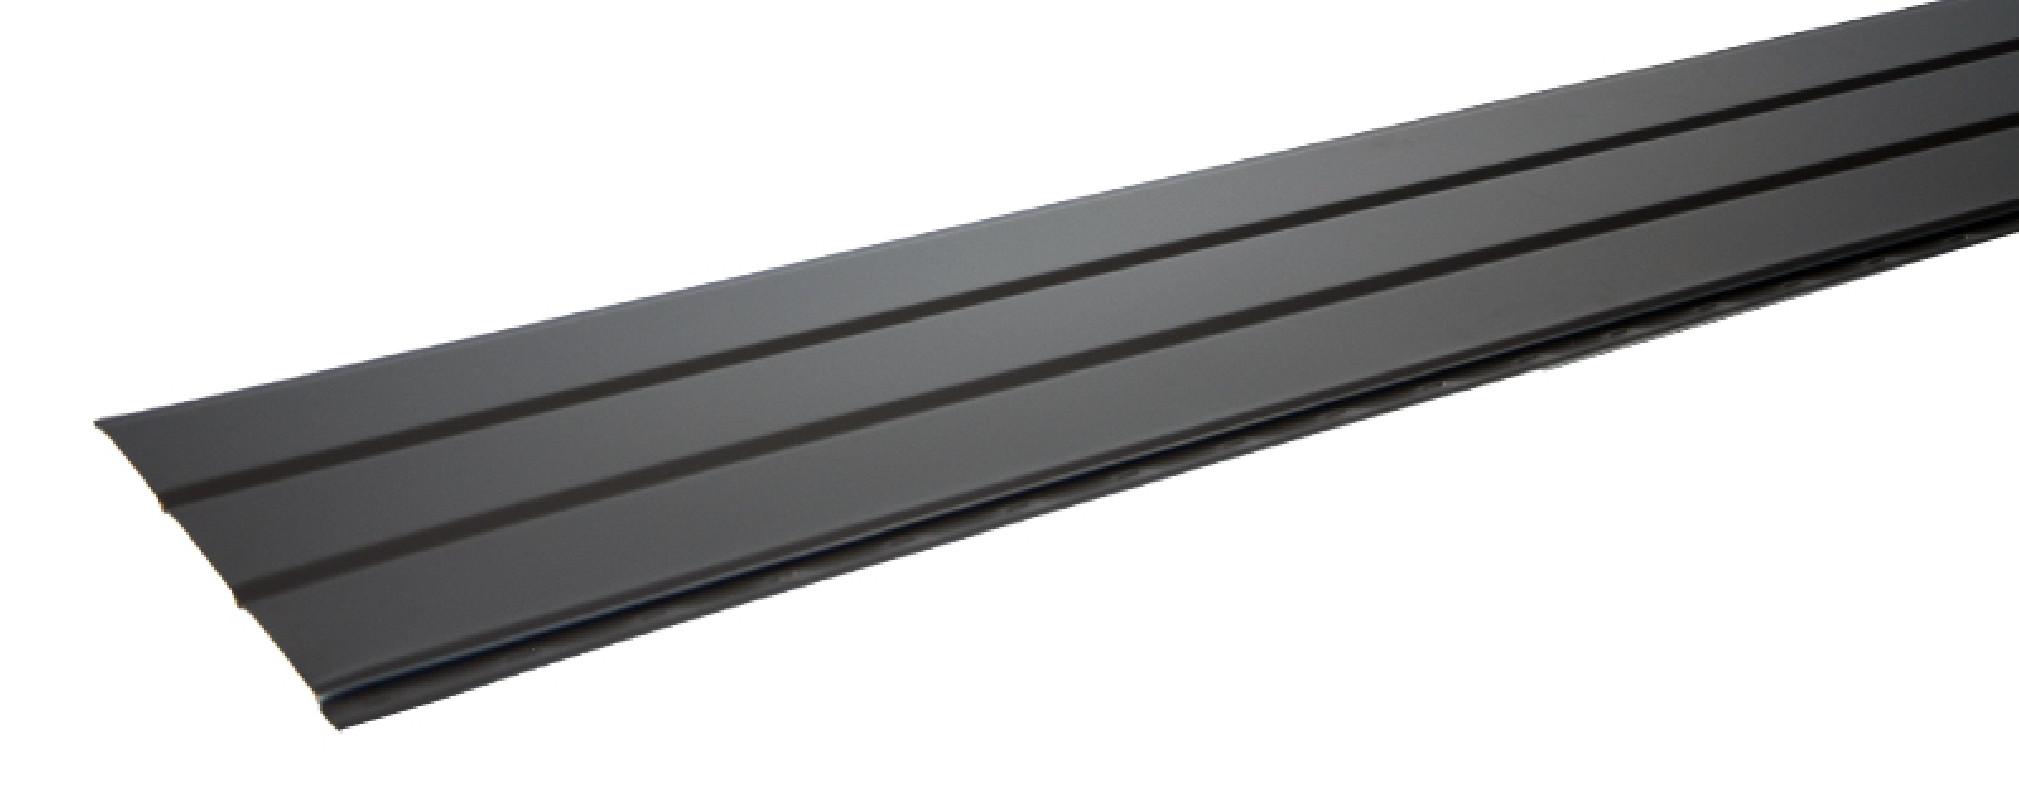 Sous-face Aluminium 356 mm gris ardoise 7016 2 mètres